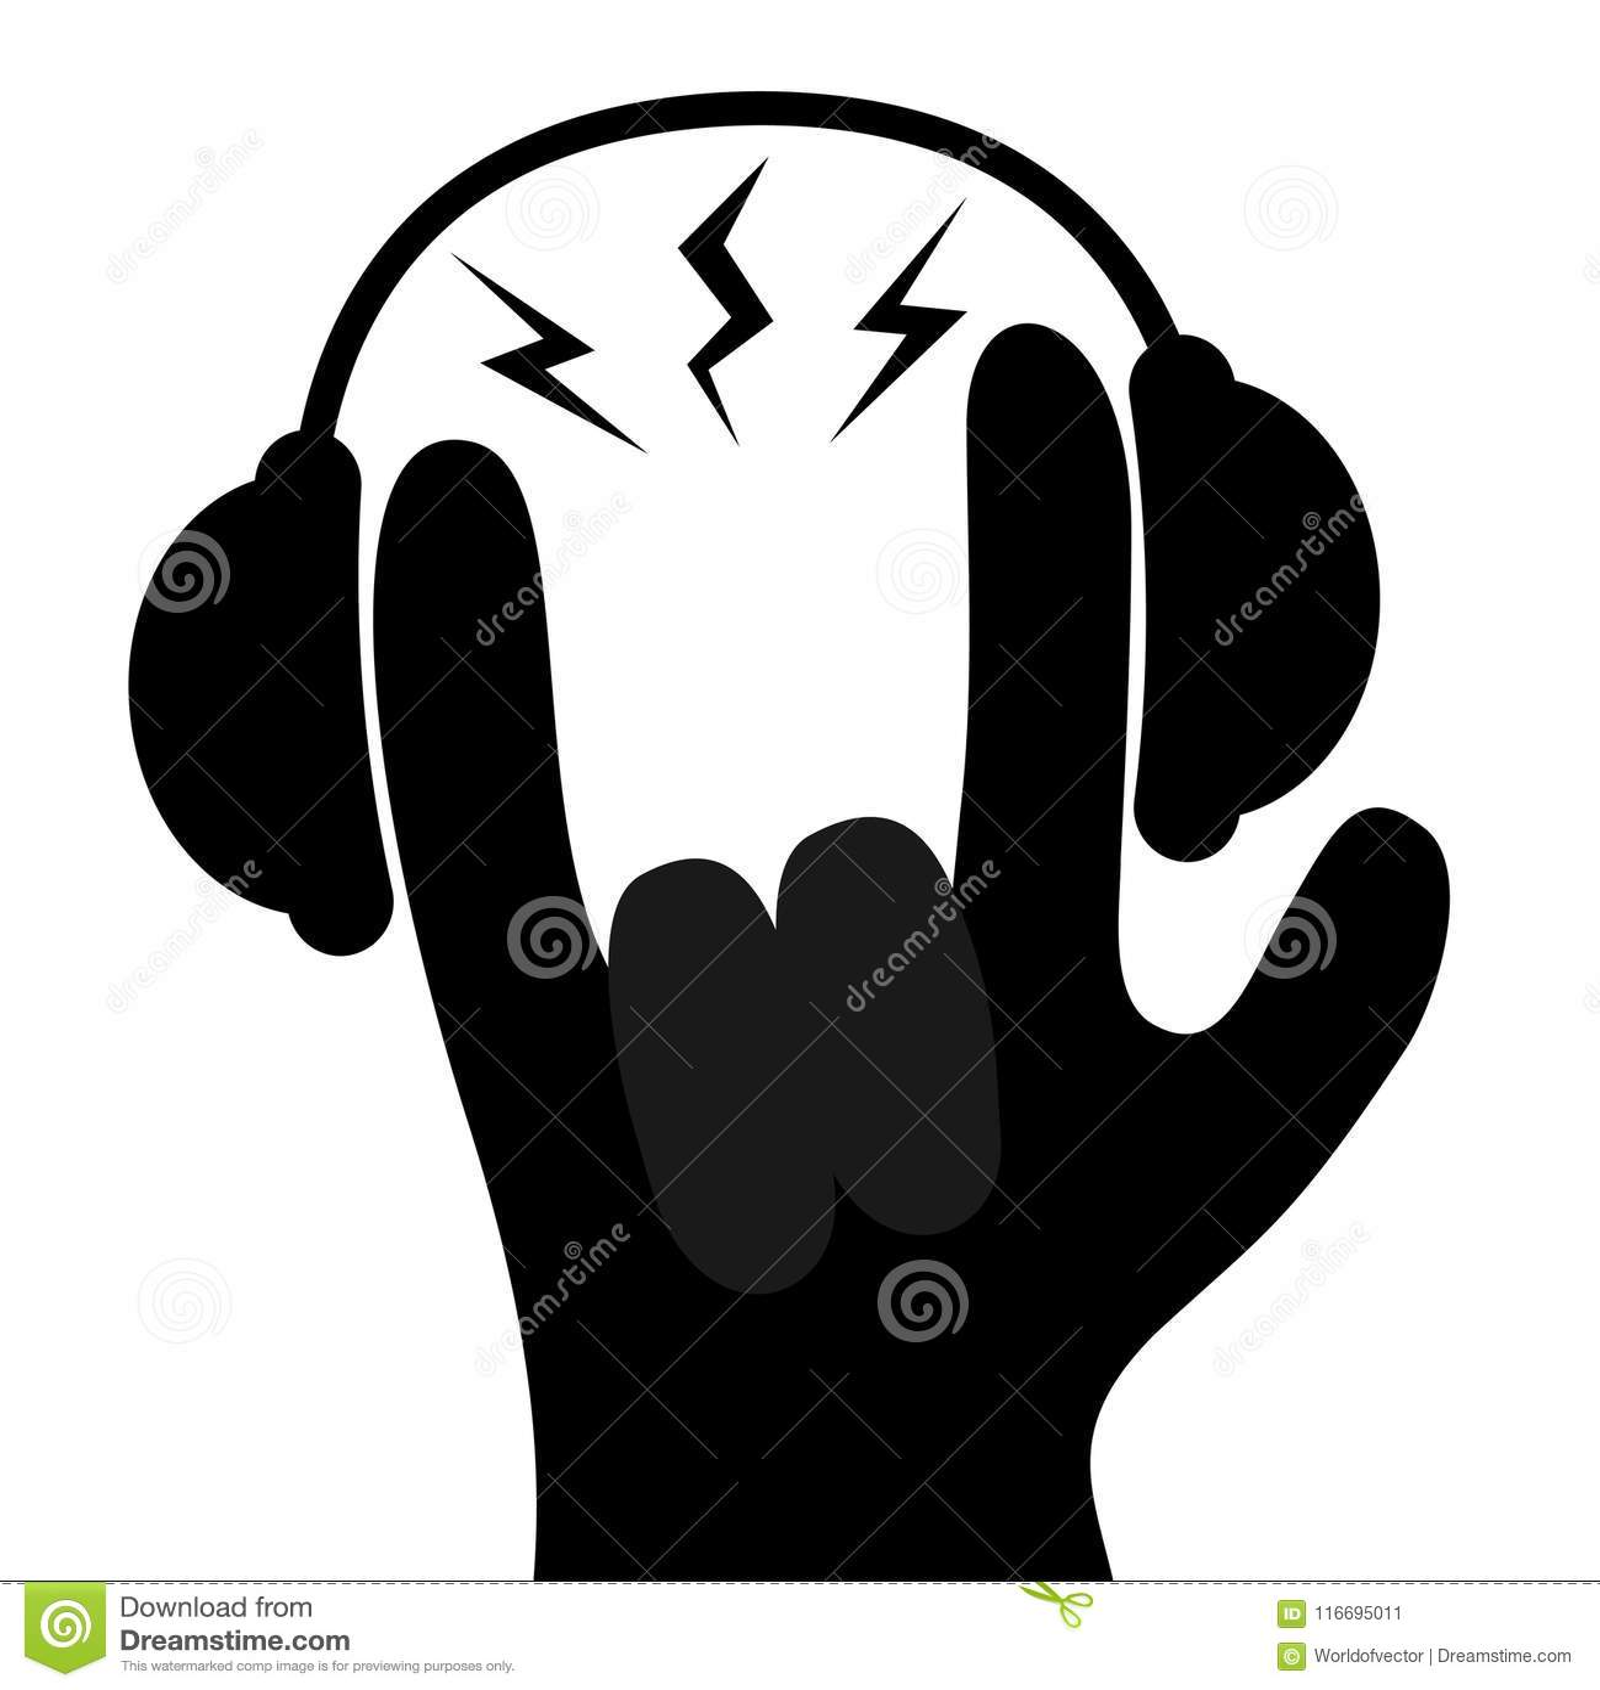 Headphones Lightning Light Hand Finger Black Silhouette Shape Icon